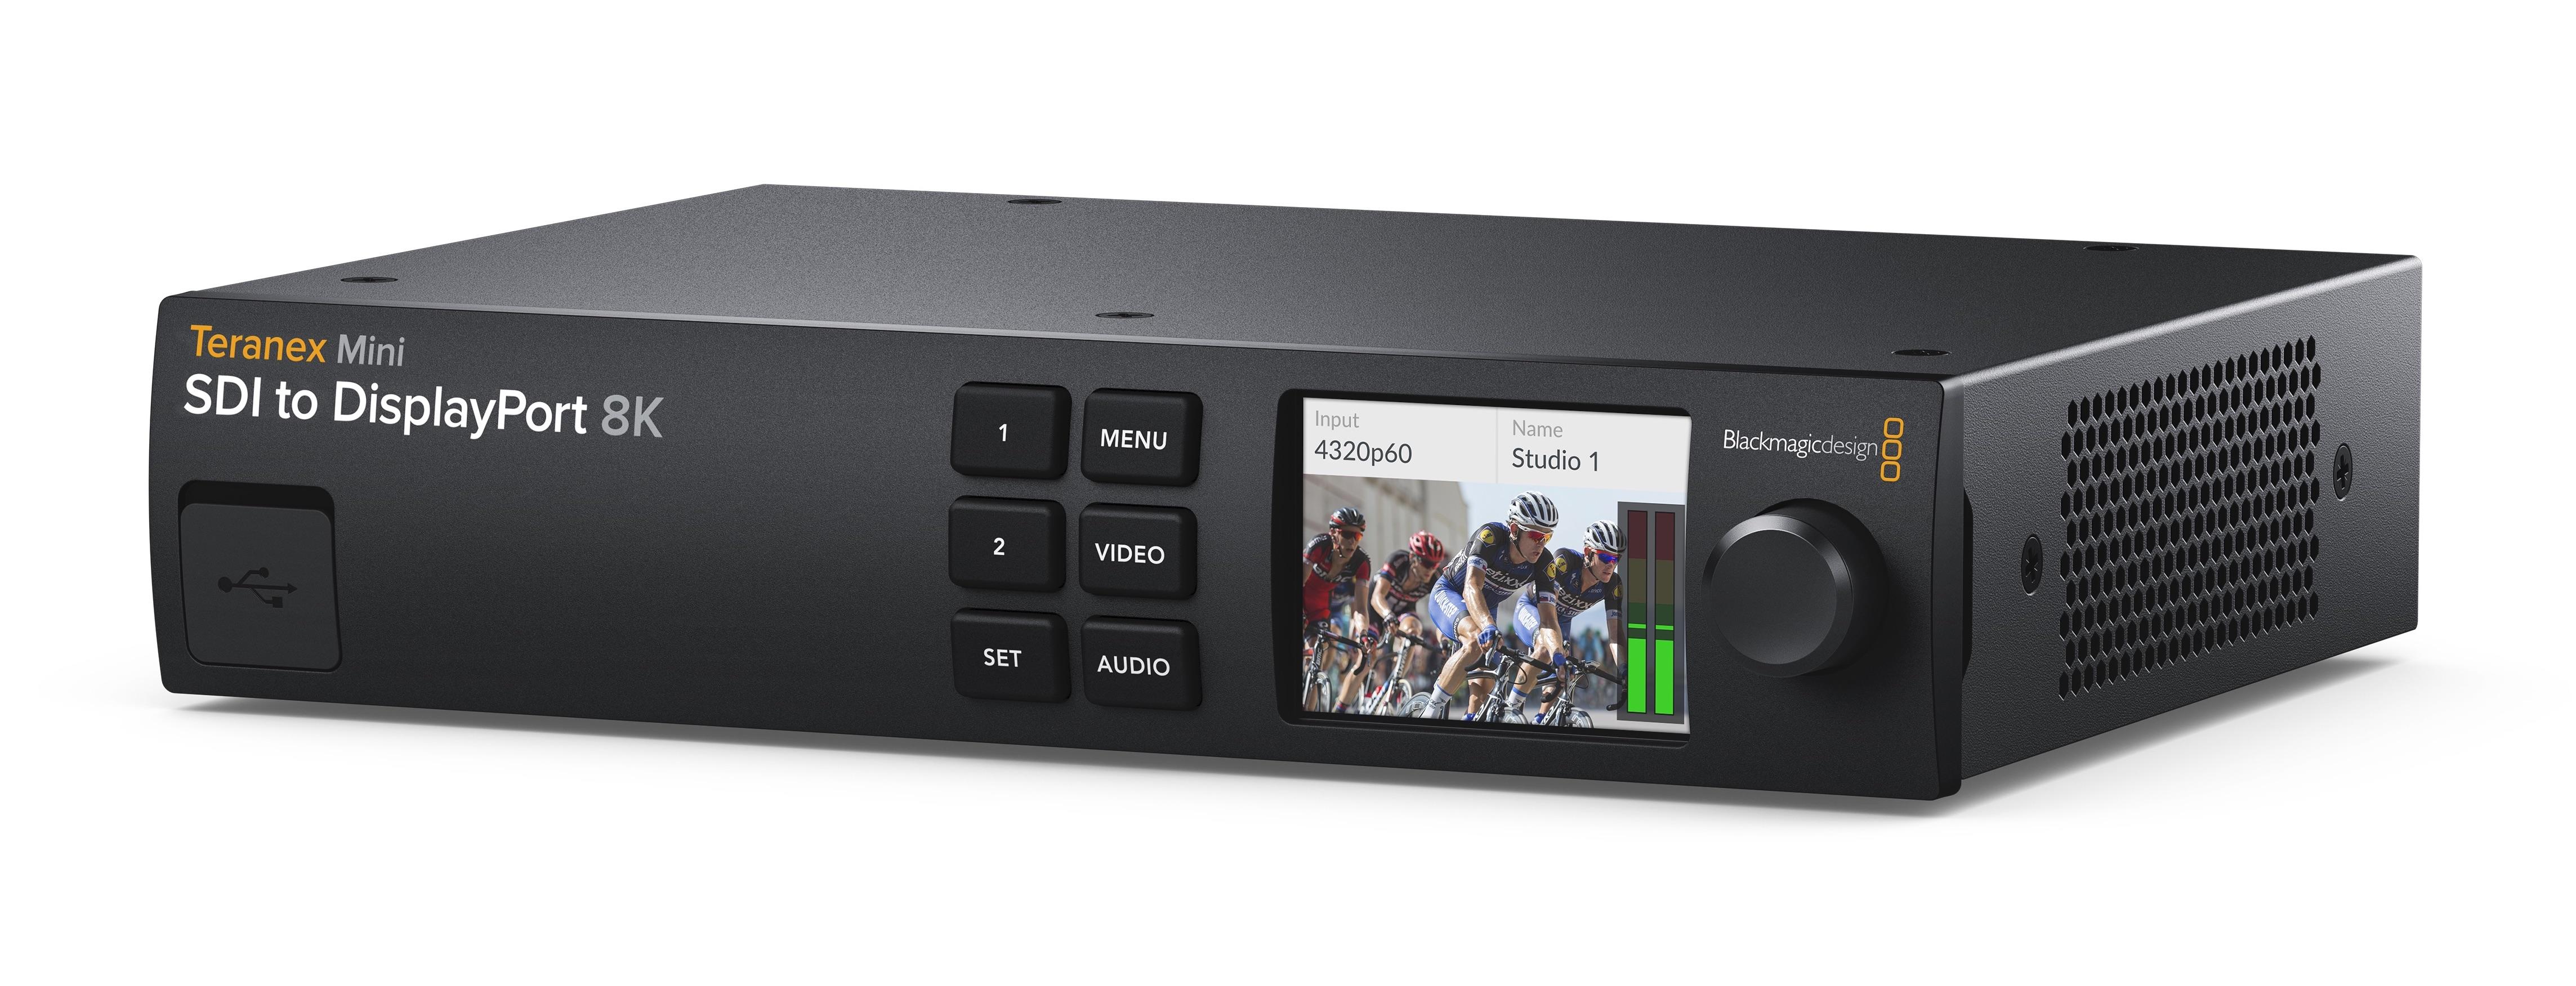 teranex-mini-sdi-to-displayport-8k-hdr